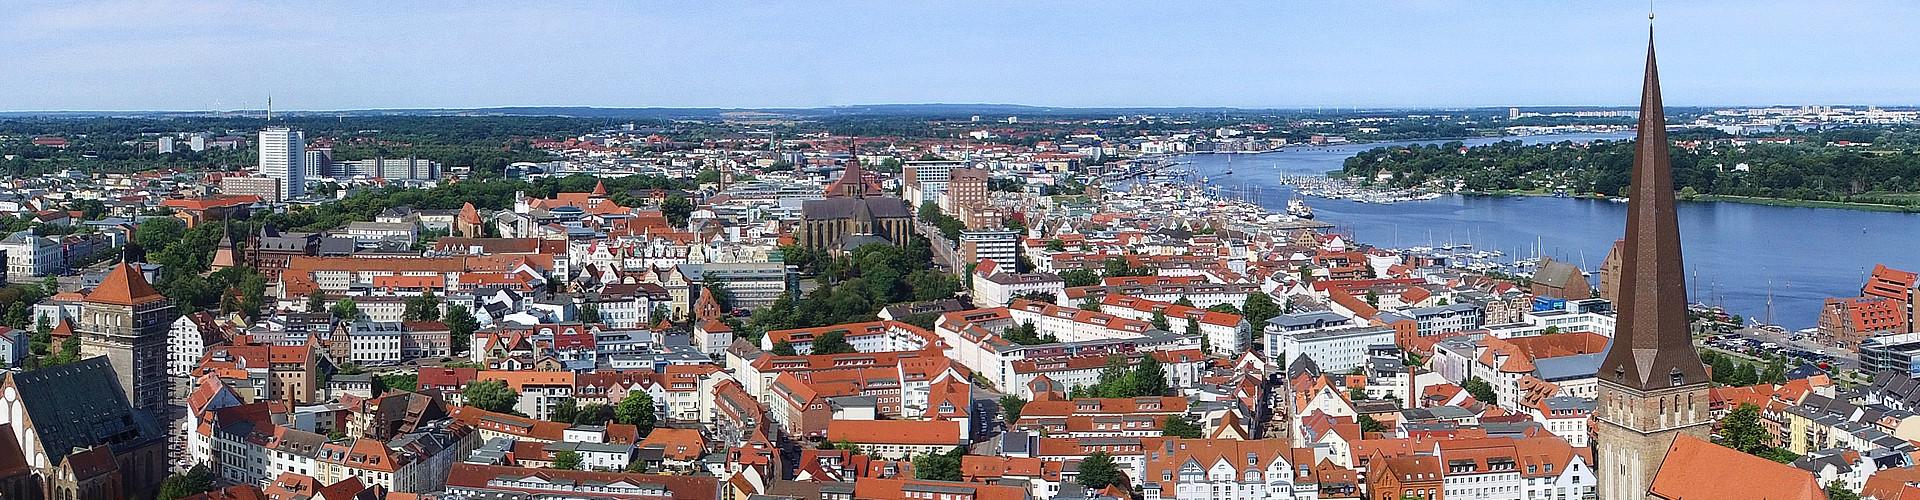 Panaorama Rostock